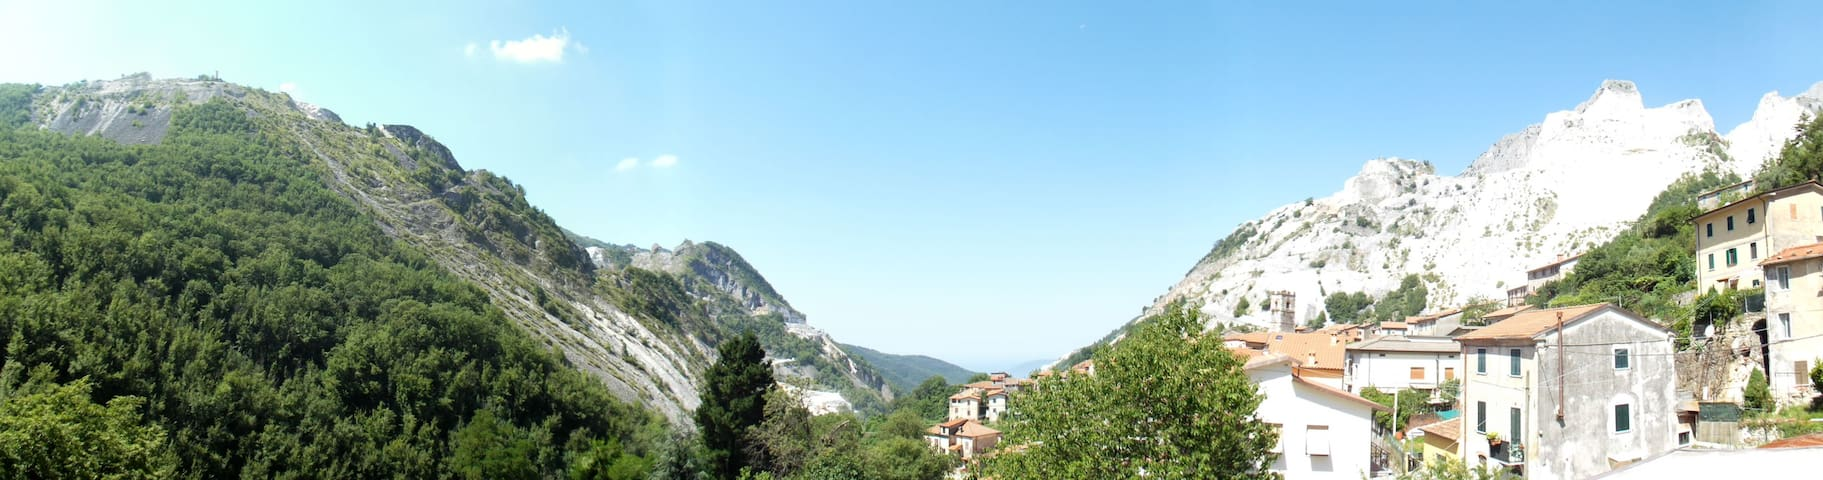 Nel cuore delle Alpi  Apuane - Colonnata - Daire